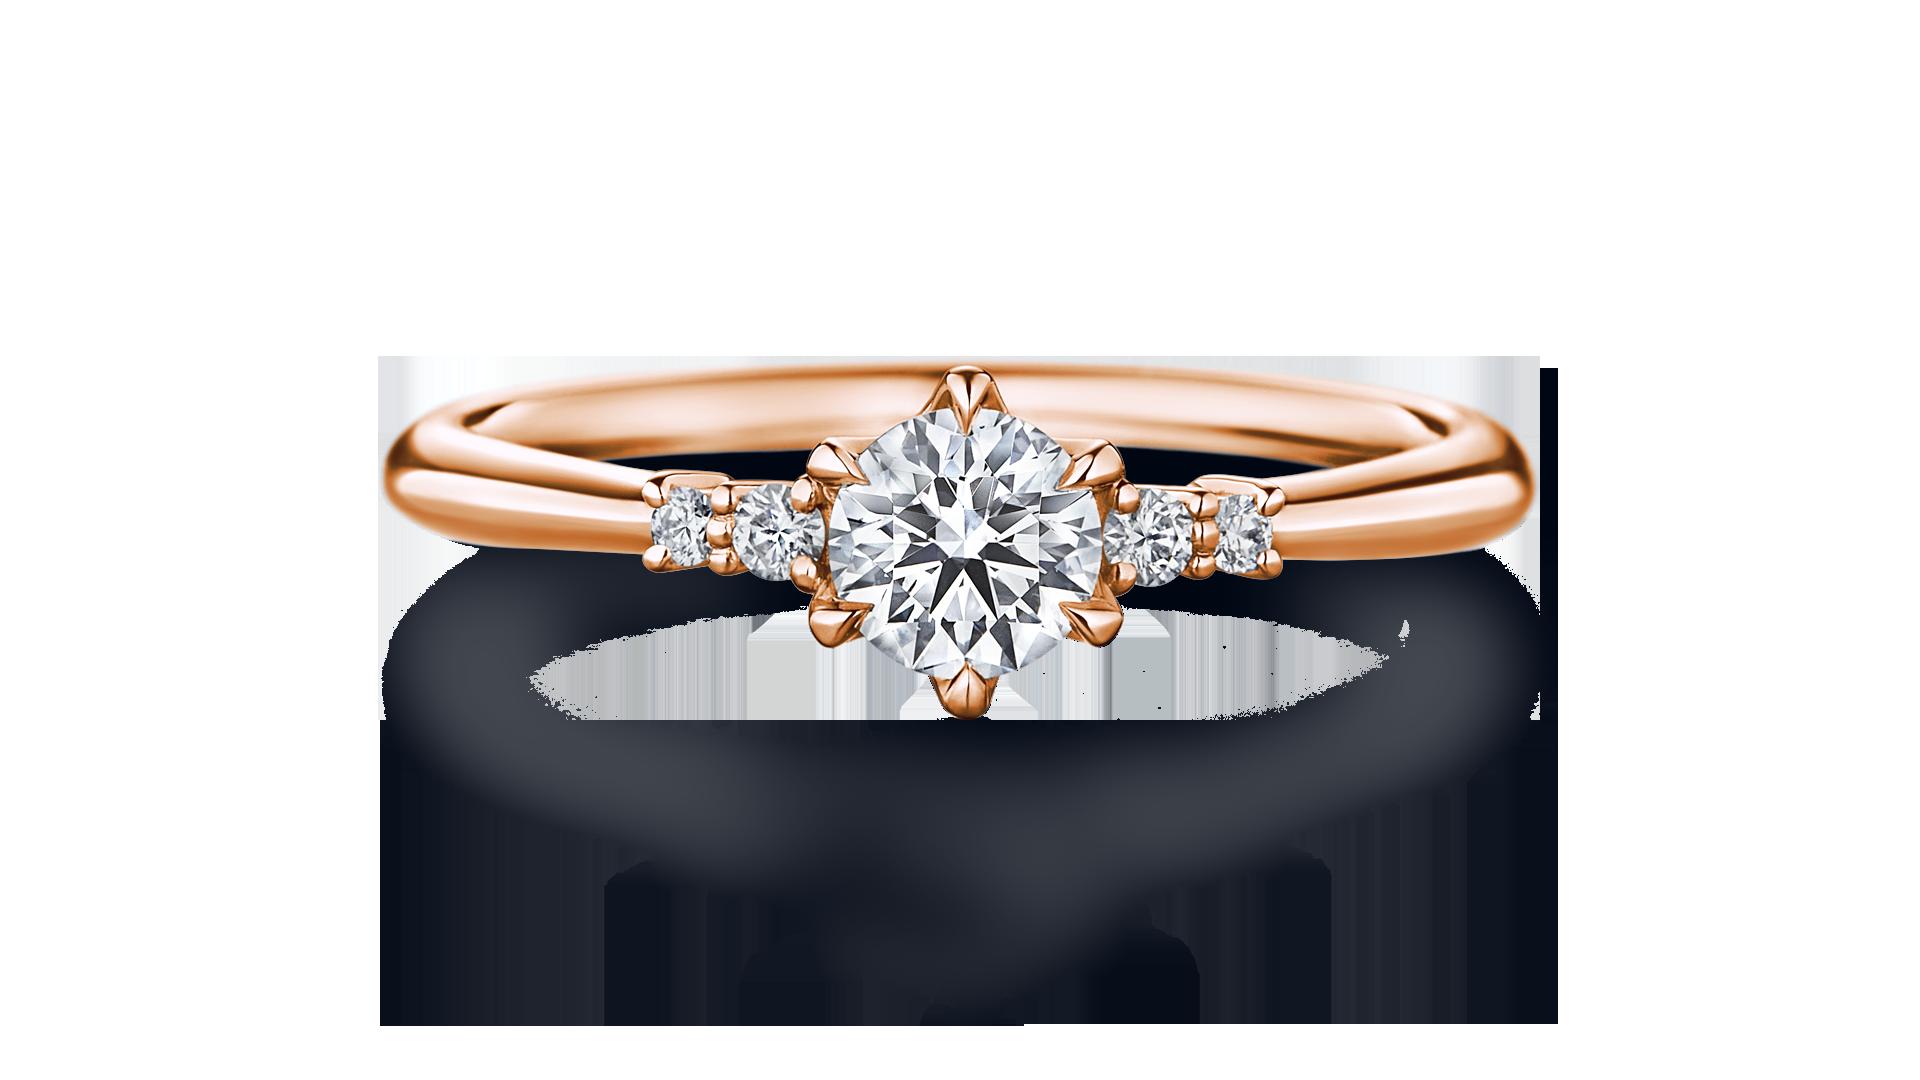 orion オリオン | 婚約指輪サムネイル 1